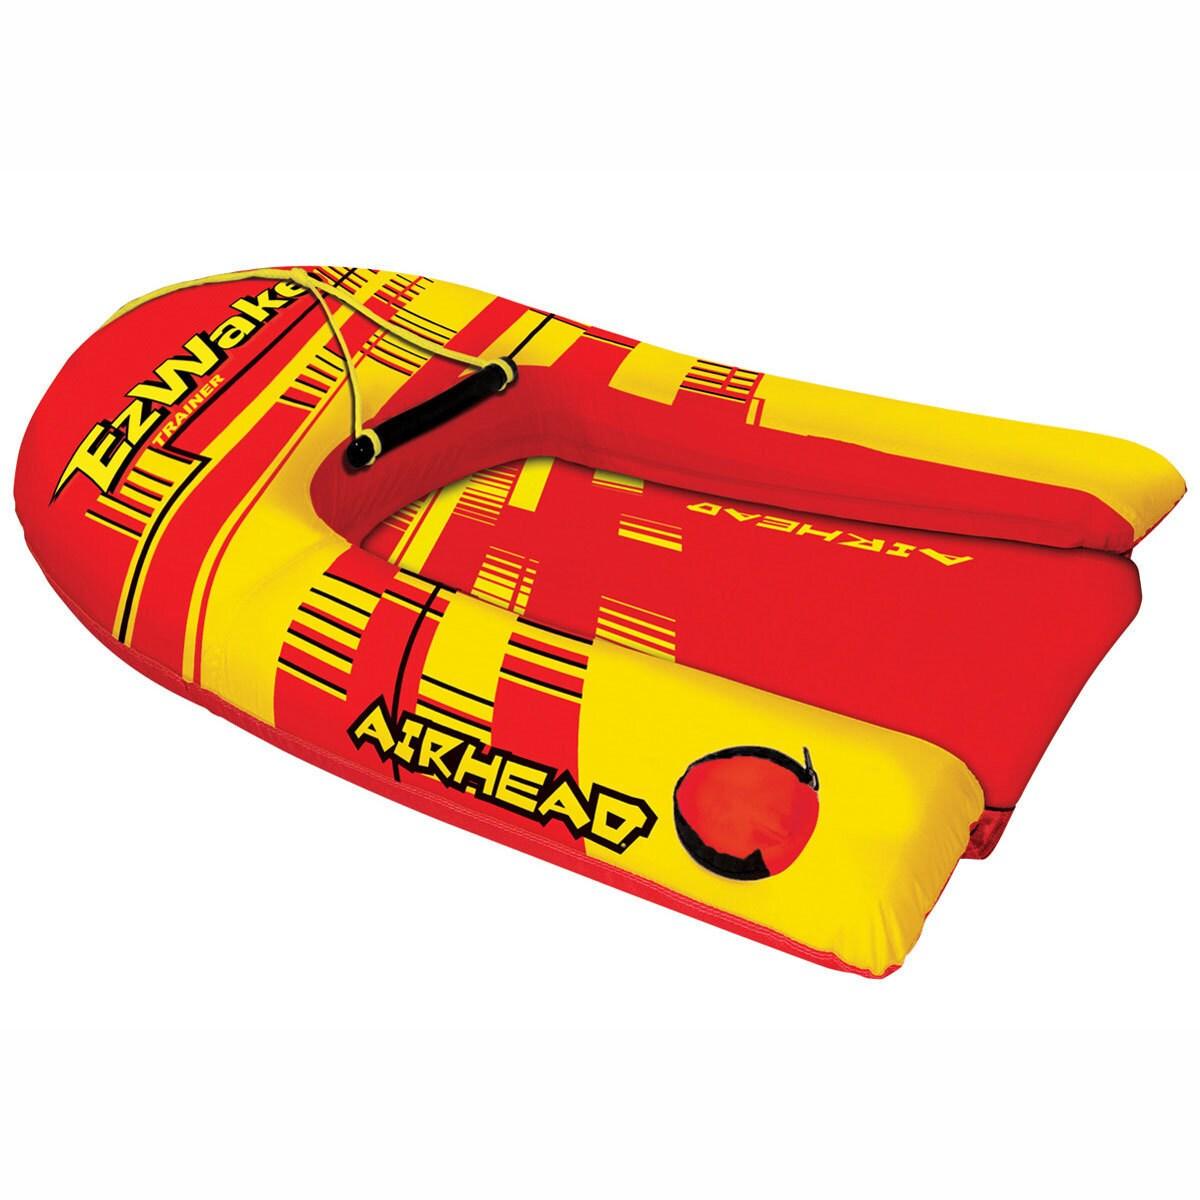 Airhead EZ Wake | Boating & Water Sports